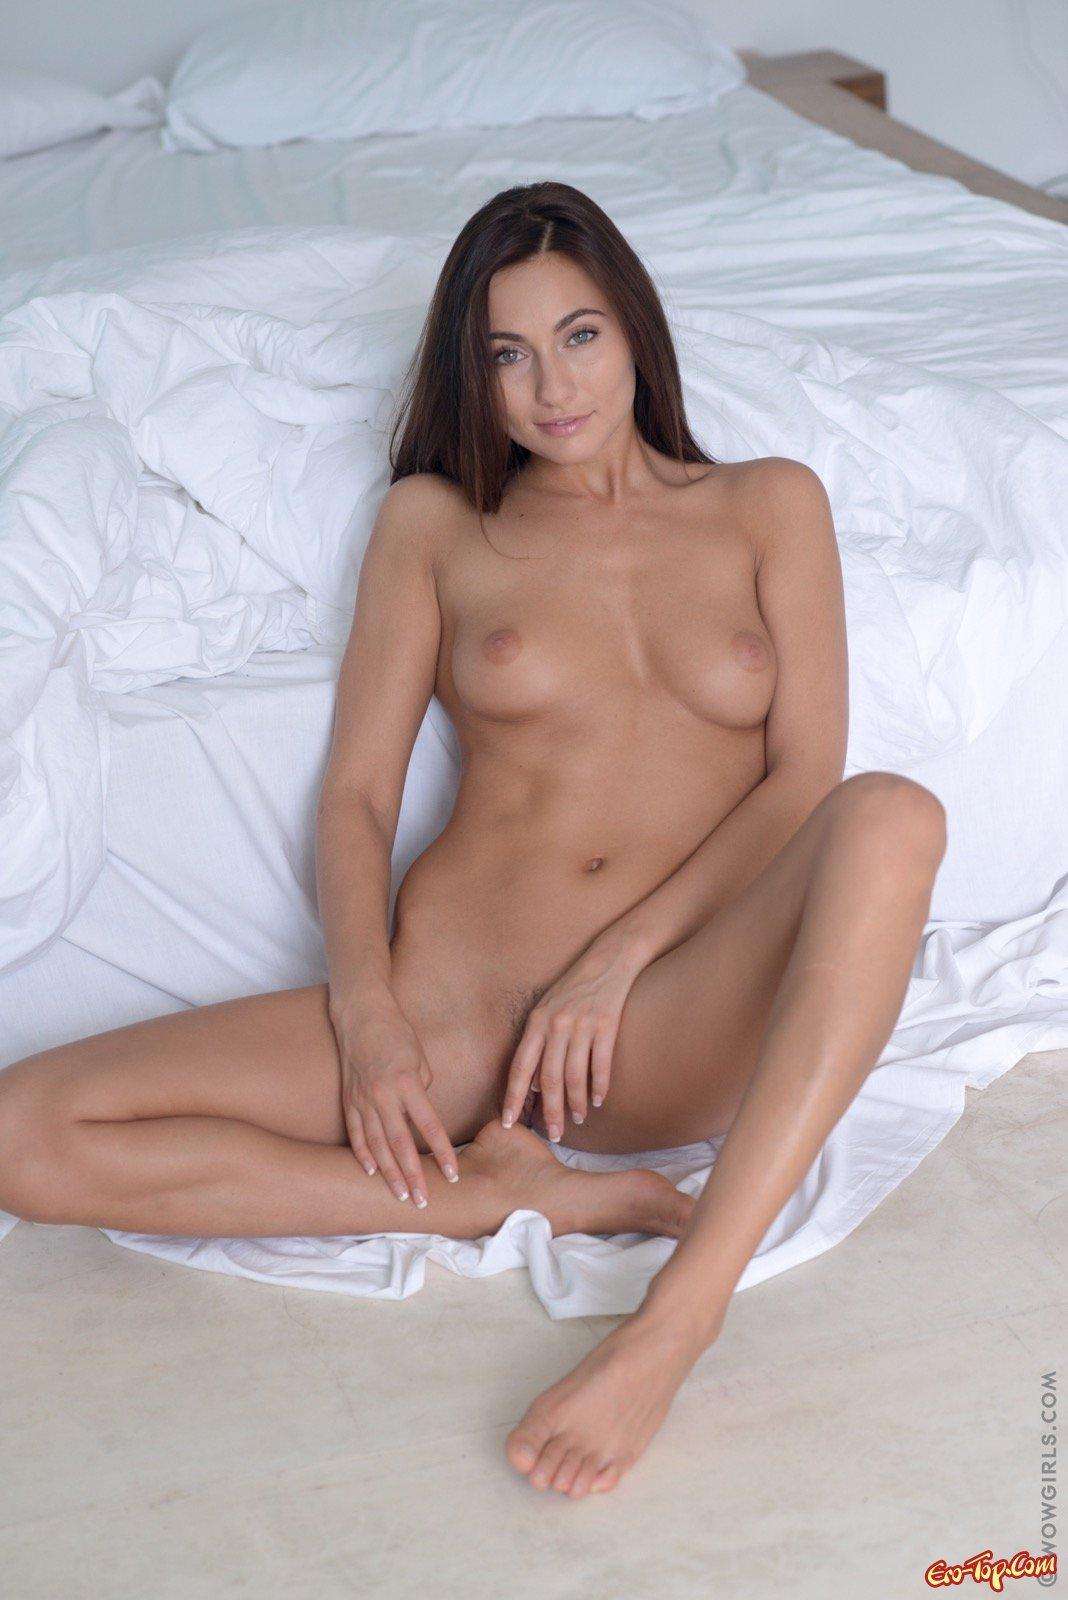 Сексуальная брюнетка грациозно позирует обнаженной